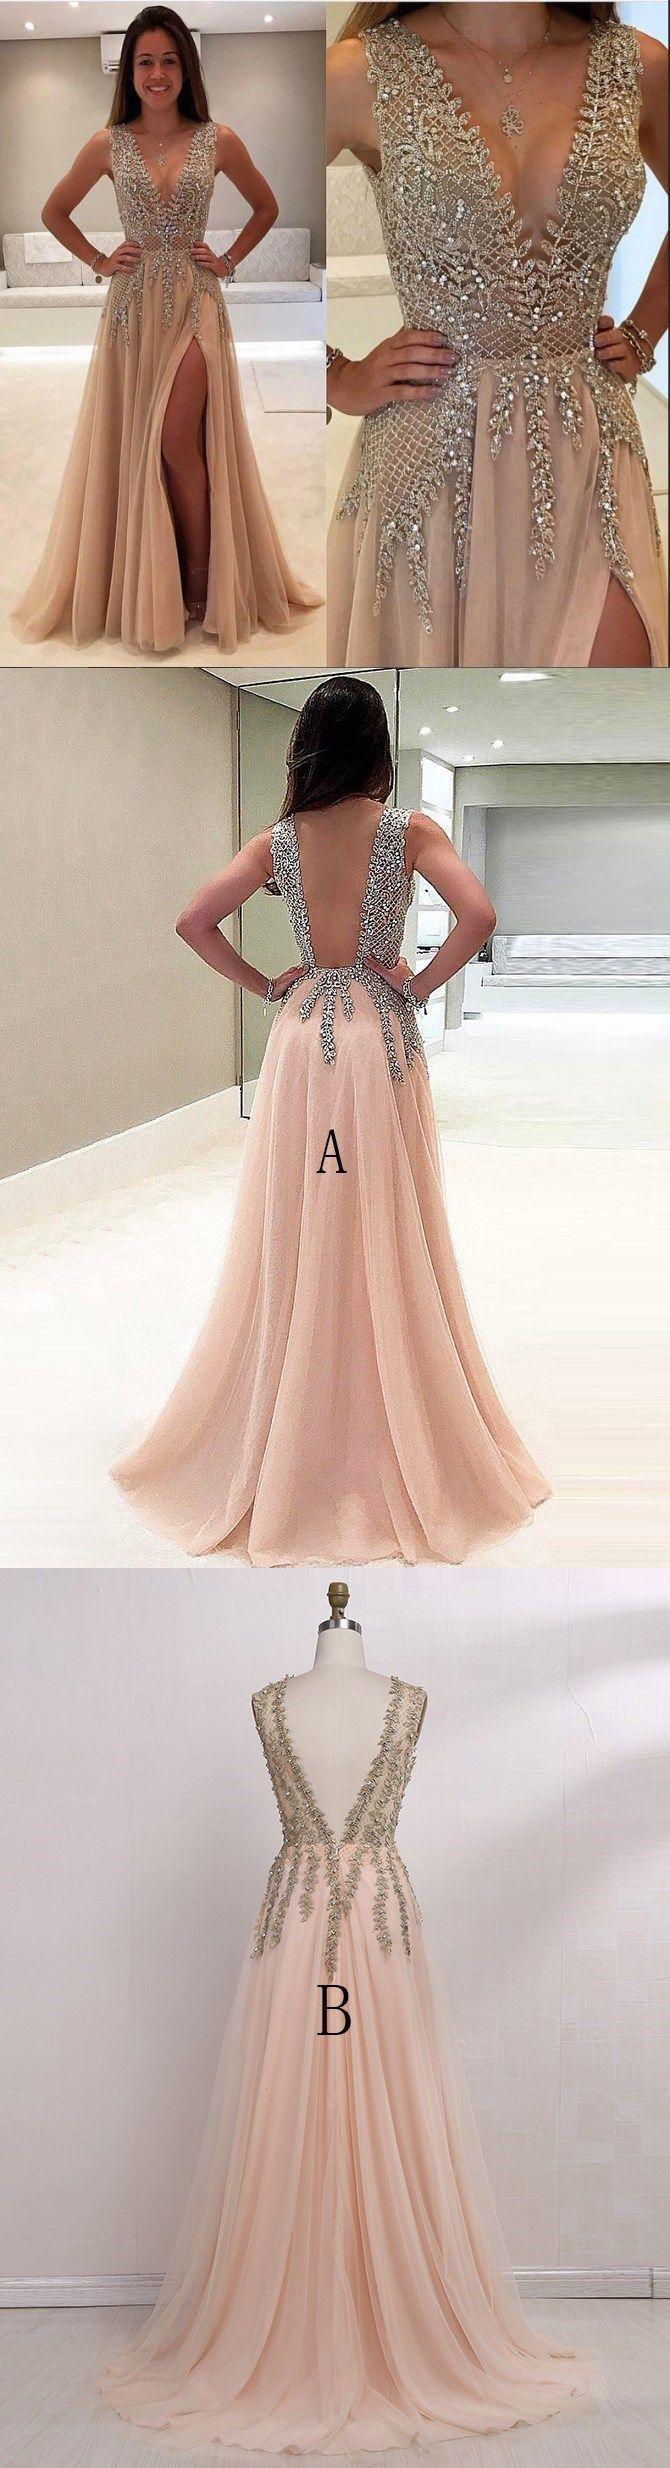 festliche kleider,kommunionkleider,abendmode,elegante ...